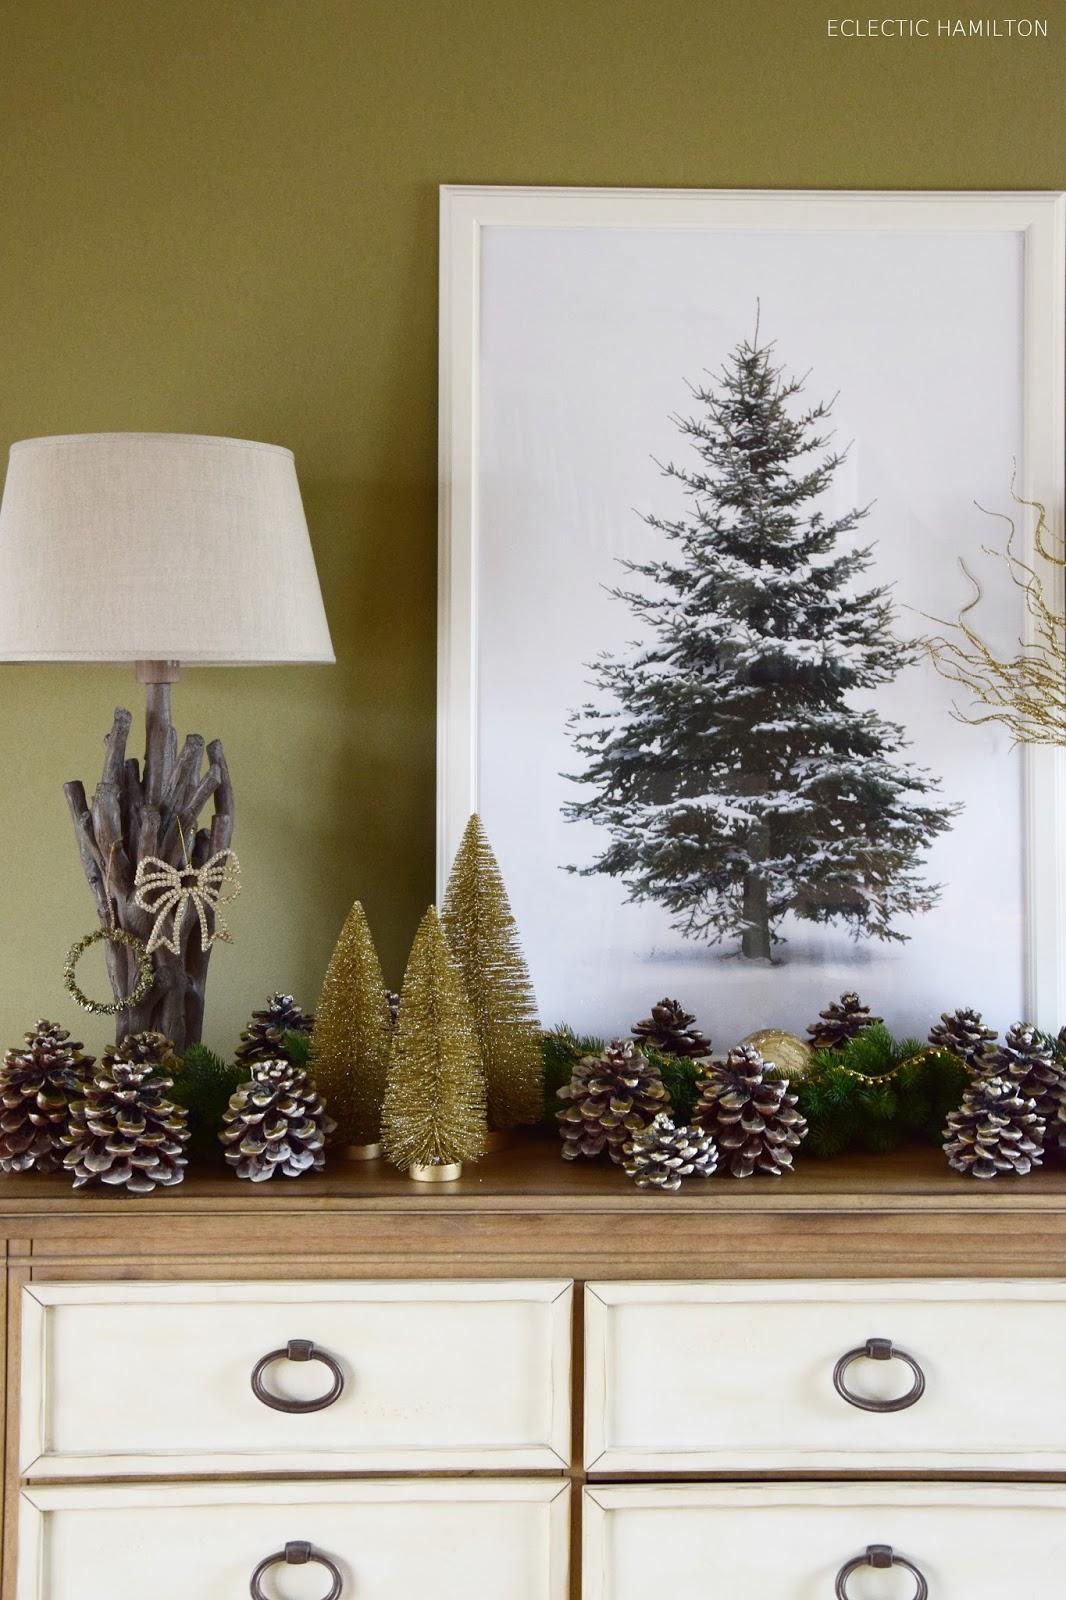 Weihnachtsdeko in Gold mit Pinienzapfen und Tannen in Gold